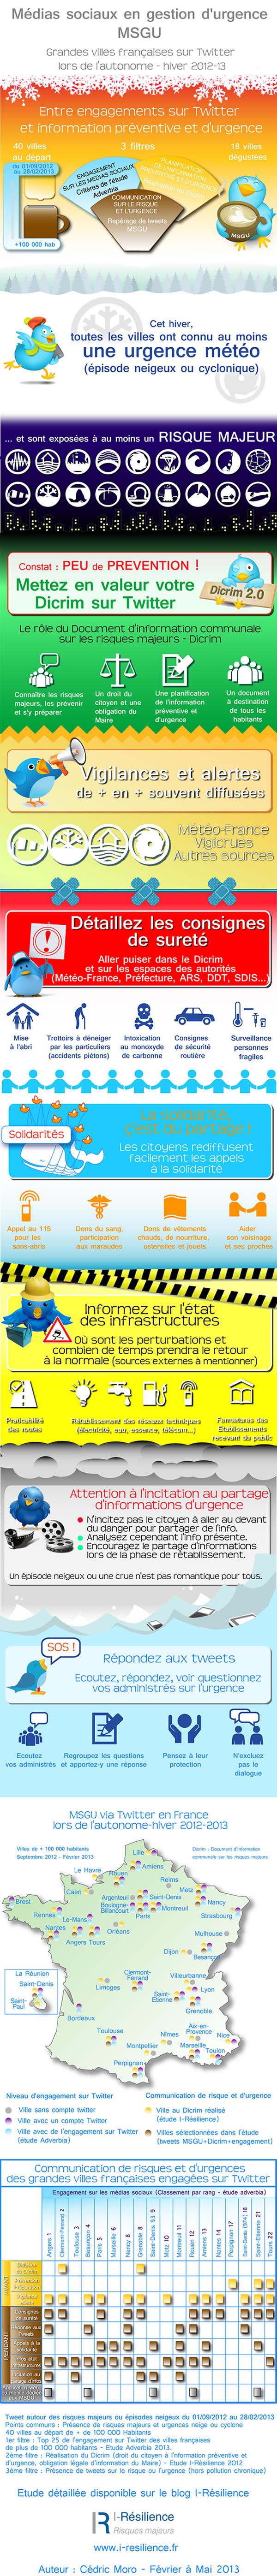 Etude MSGU sur les villes françaises : Entre engagements sur Twitter et information préventive et d'urgence en 2012 et 2013